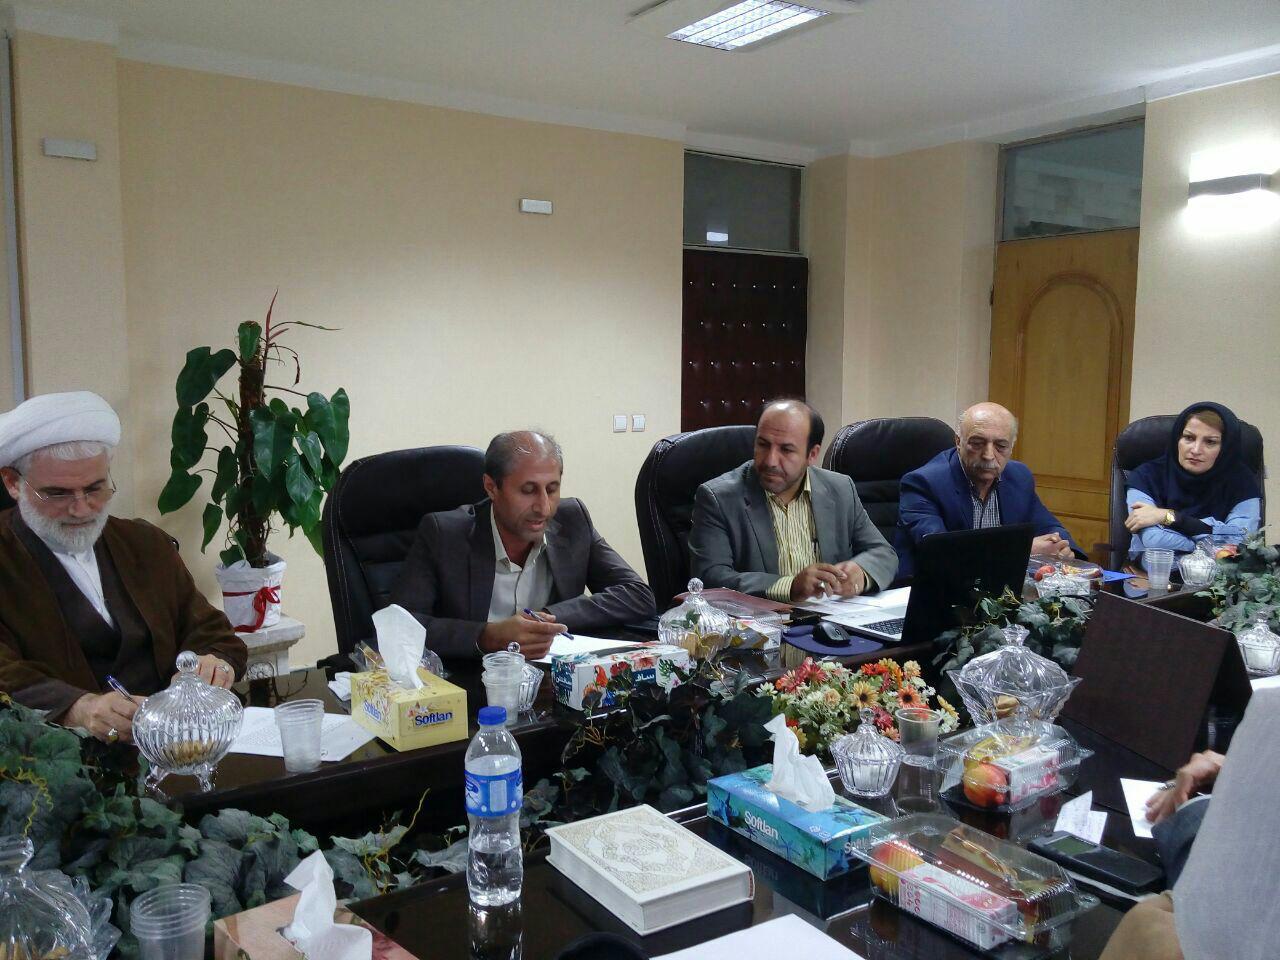 حضور مدیرعامل انجمن ام اس مازندران در جلسه دانشگاه علوم پزشکی استان مازندران در تاریخ 6 شهریور 1397